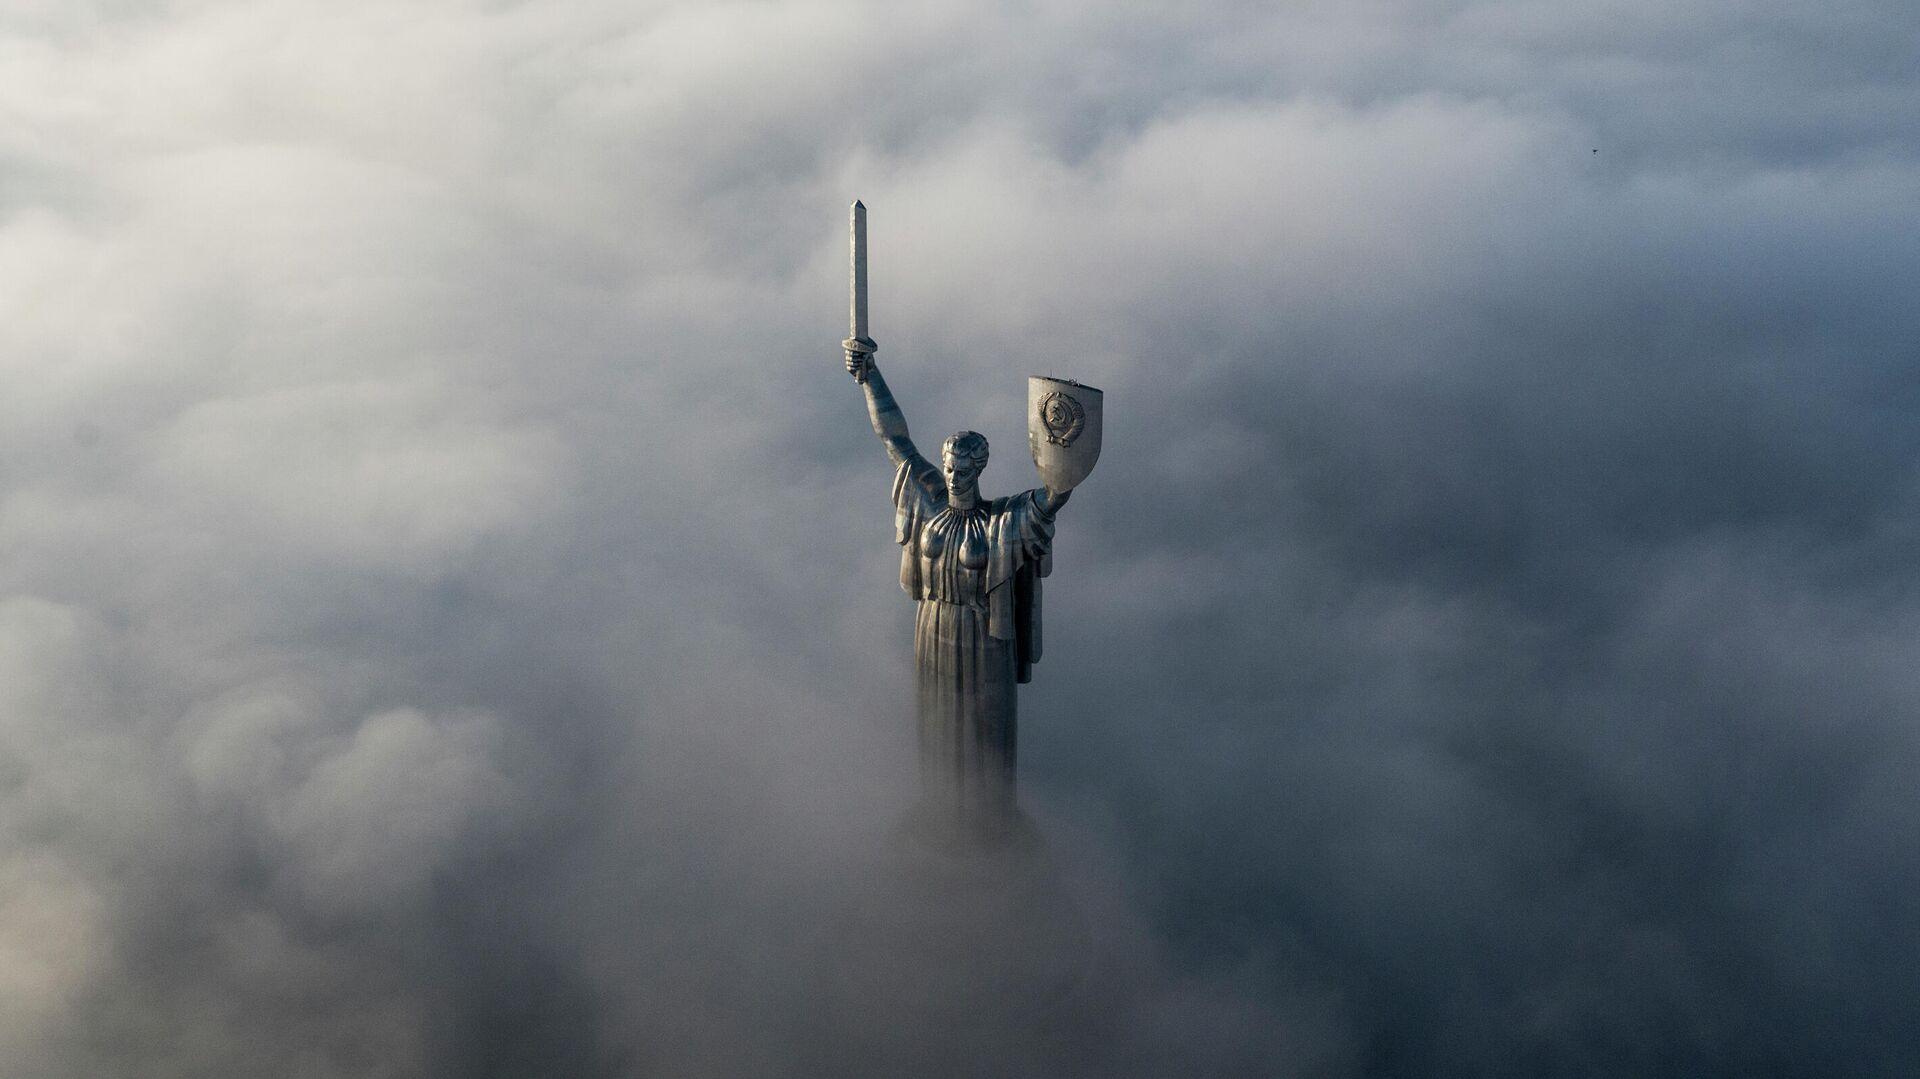 Монумент Родина-мать в Киеве - РИА Новости, 1920, 01.07.2021